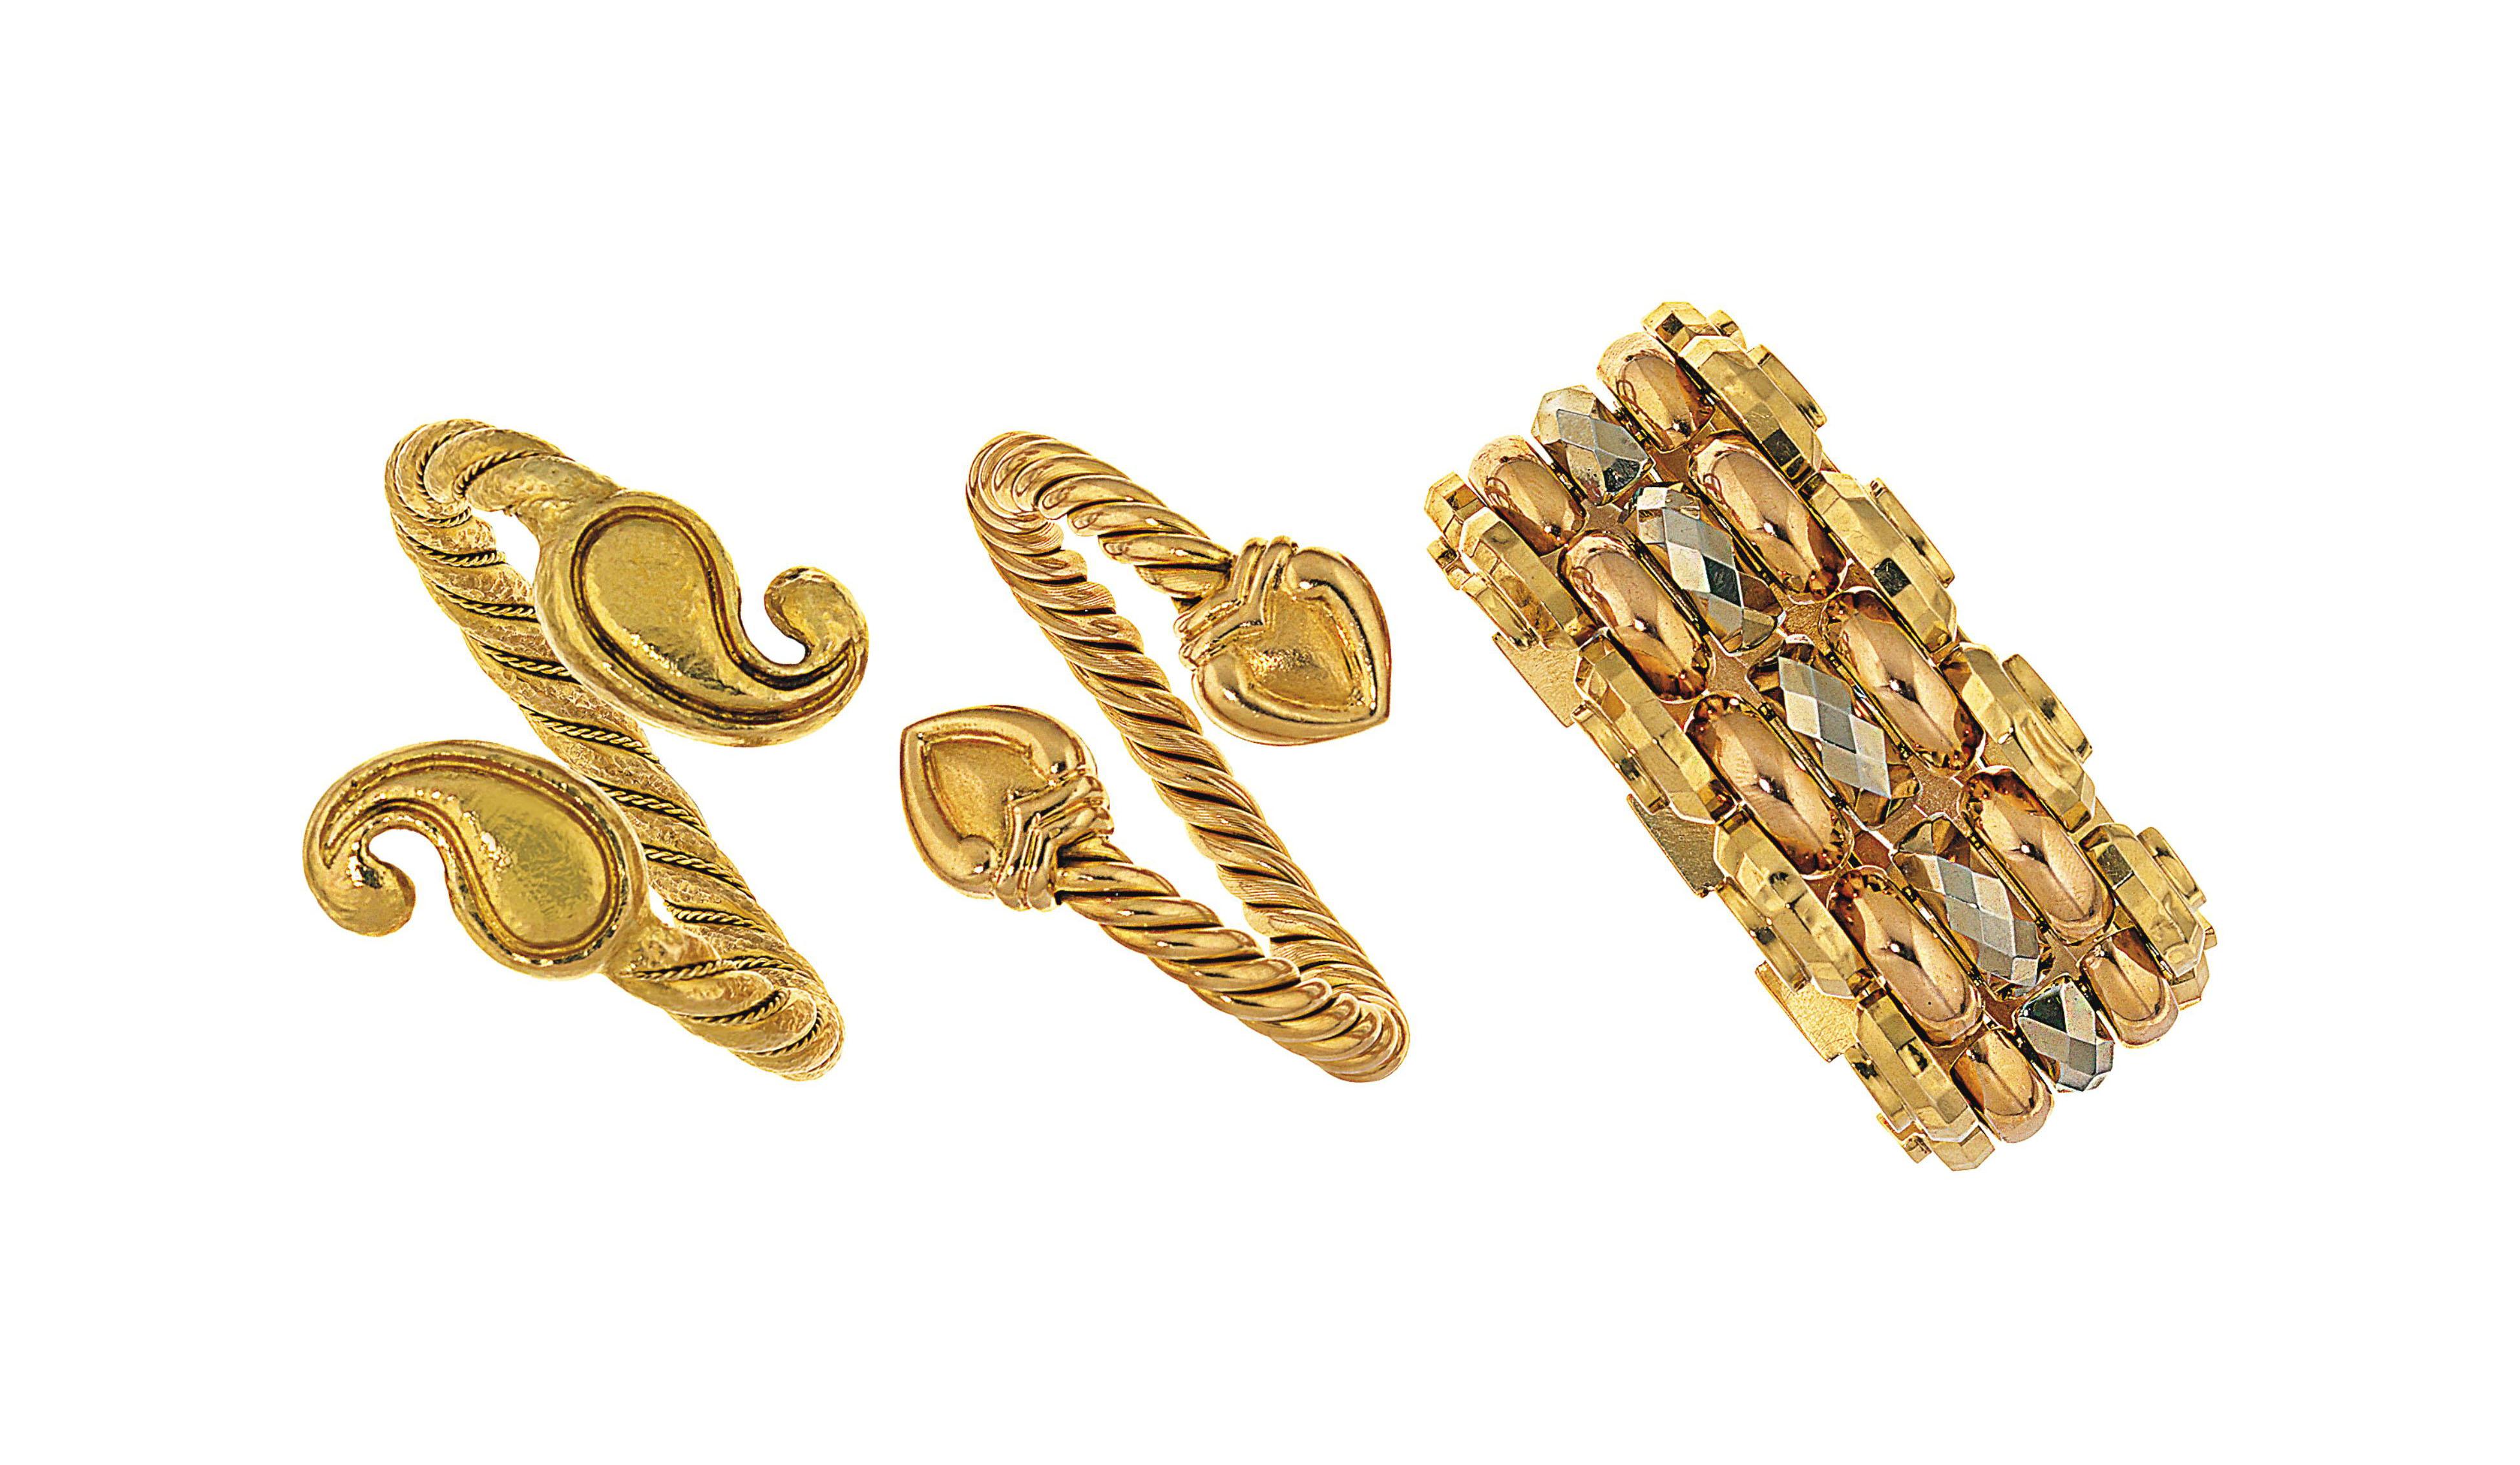 A group of five bracelets